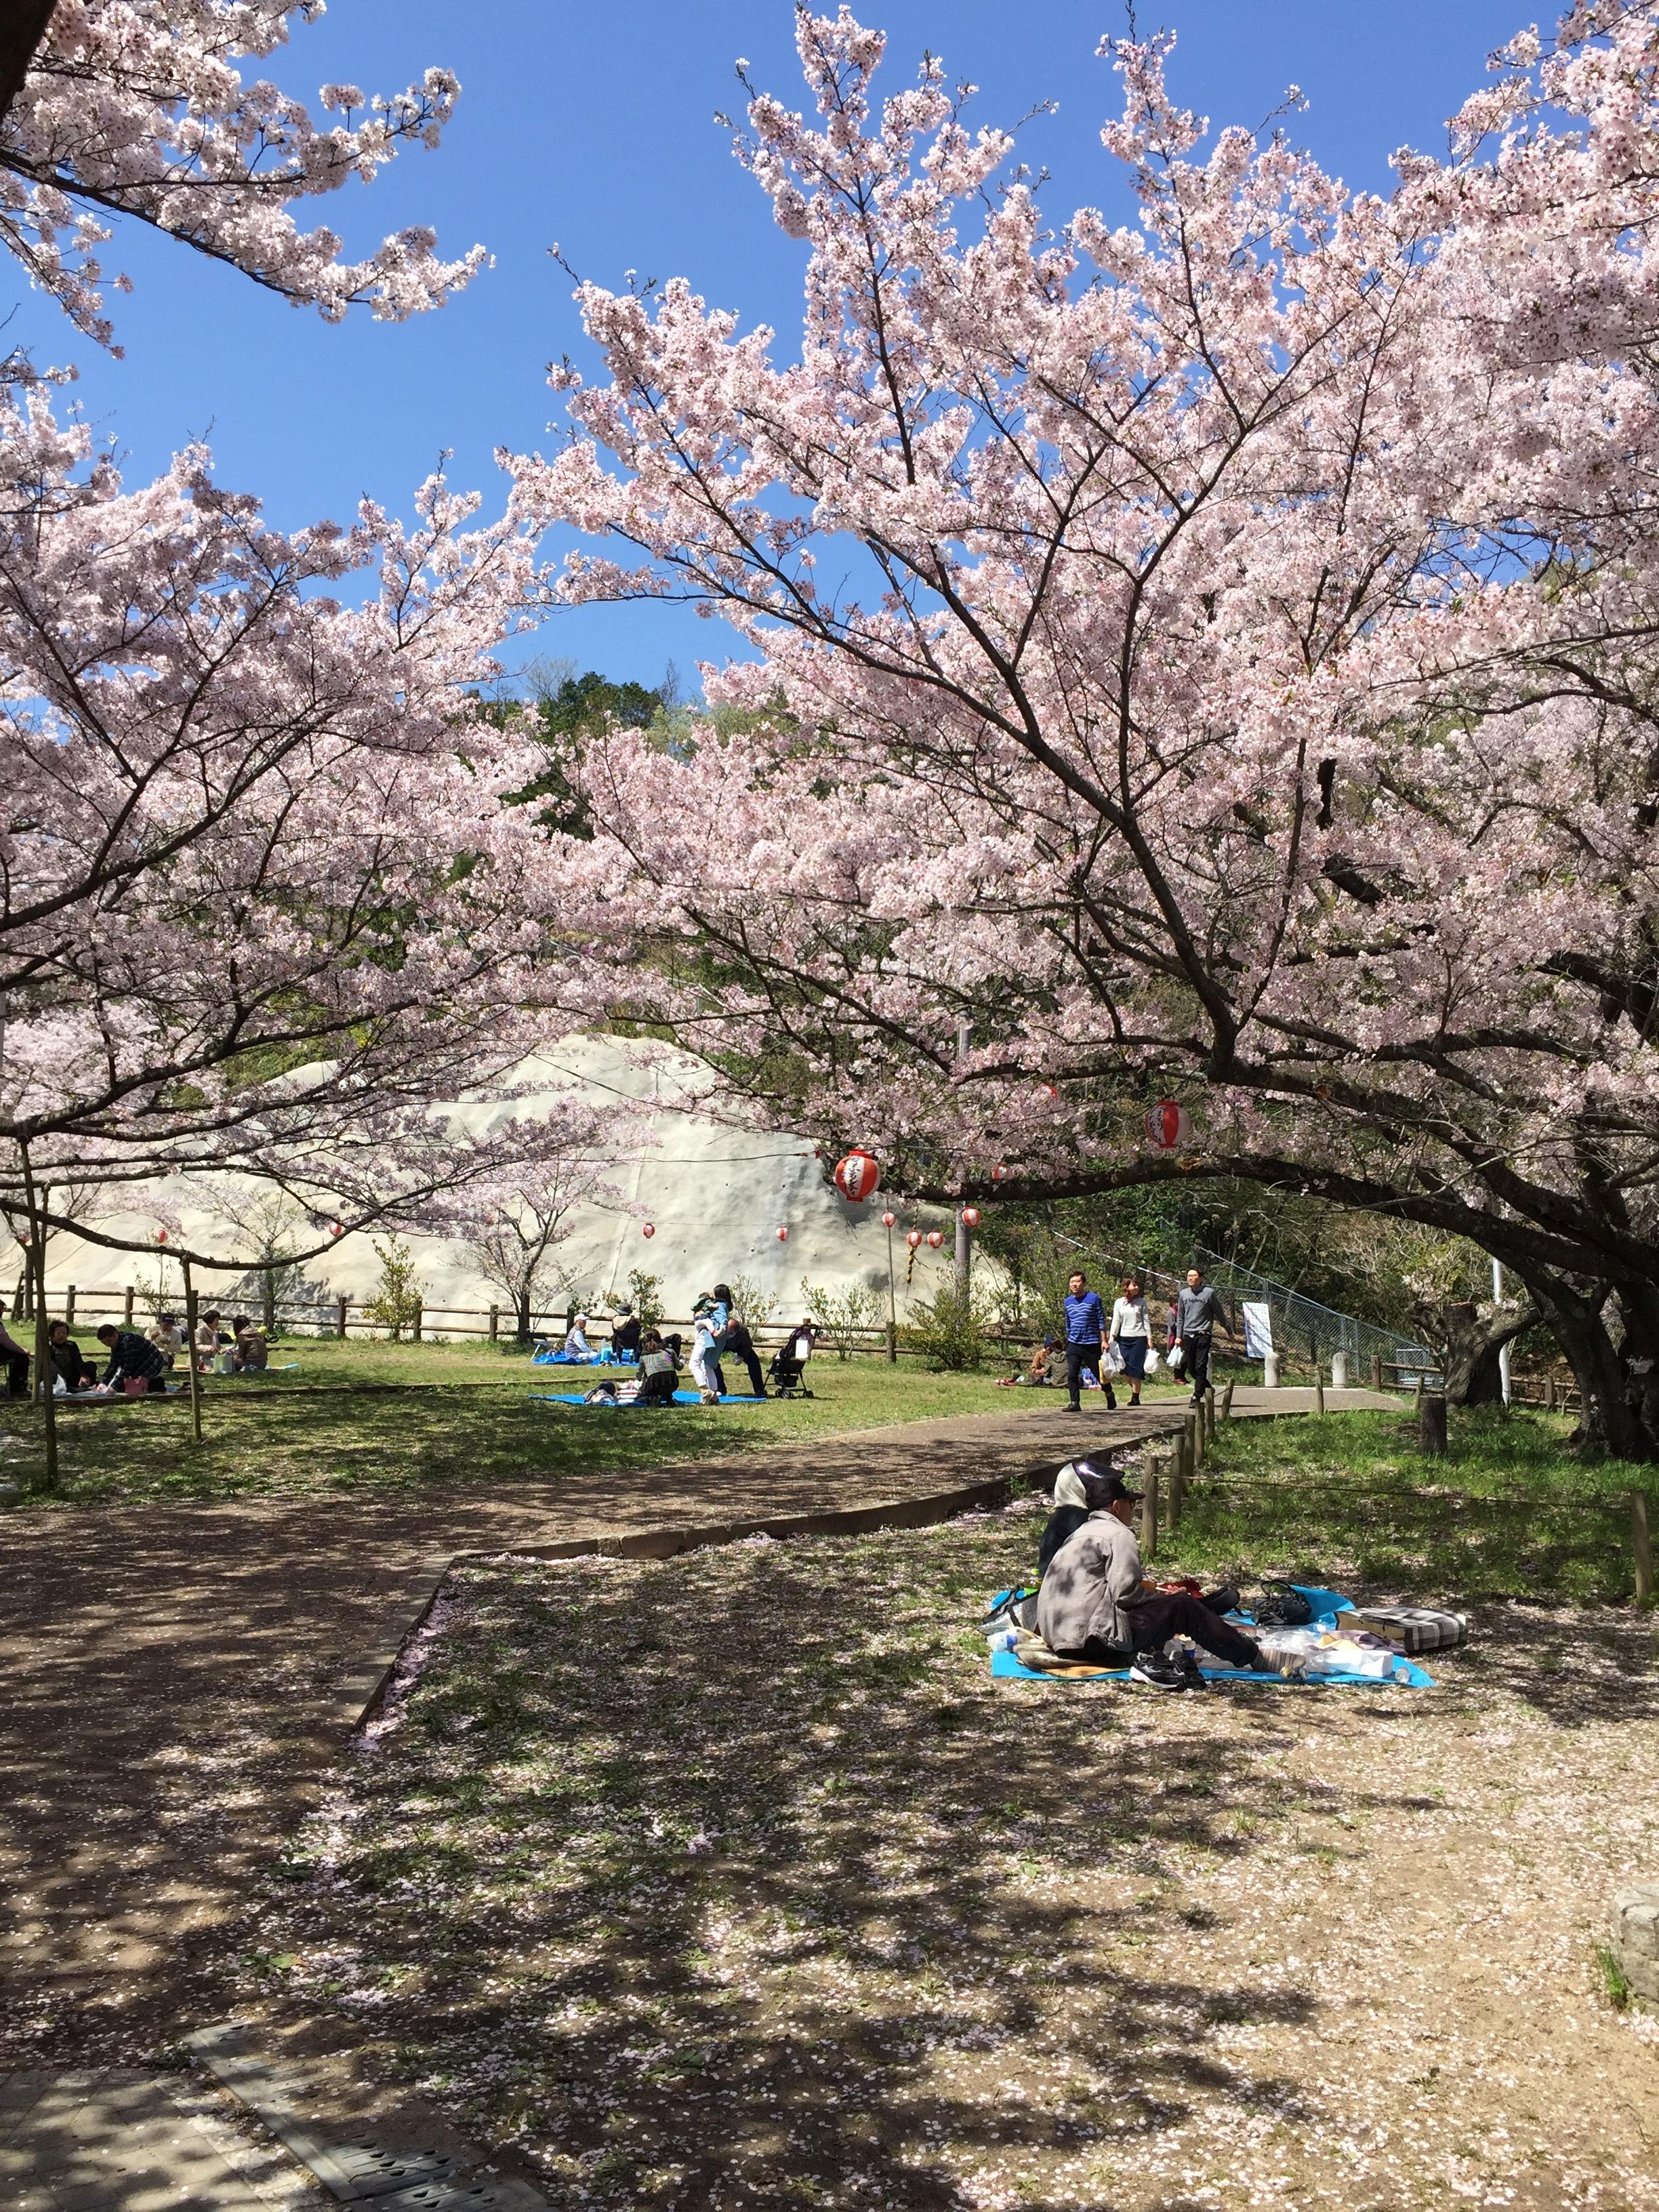 お花見(熊取永楽ダム桜祭り)に行ってきました。